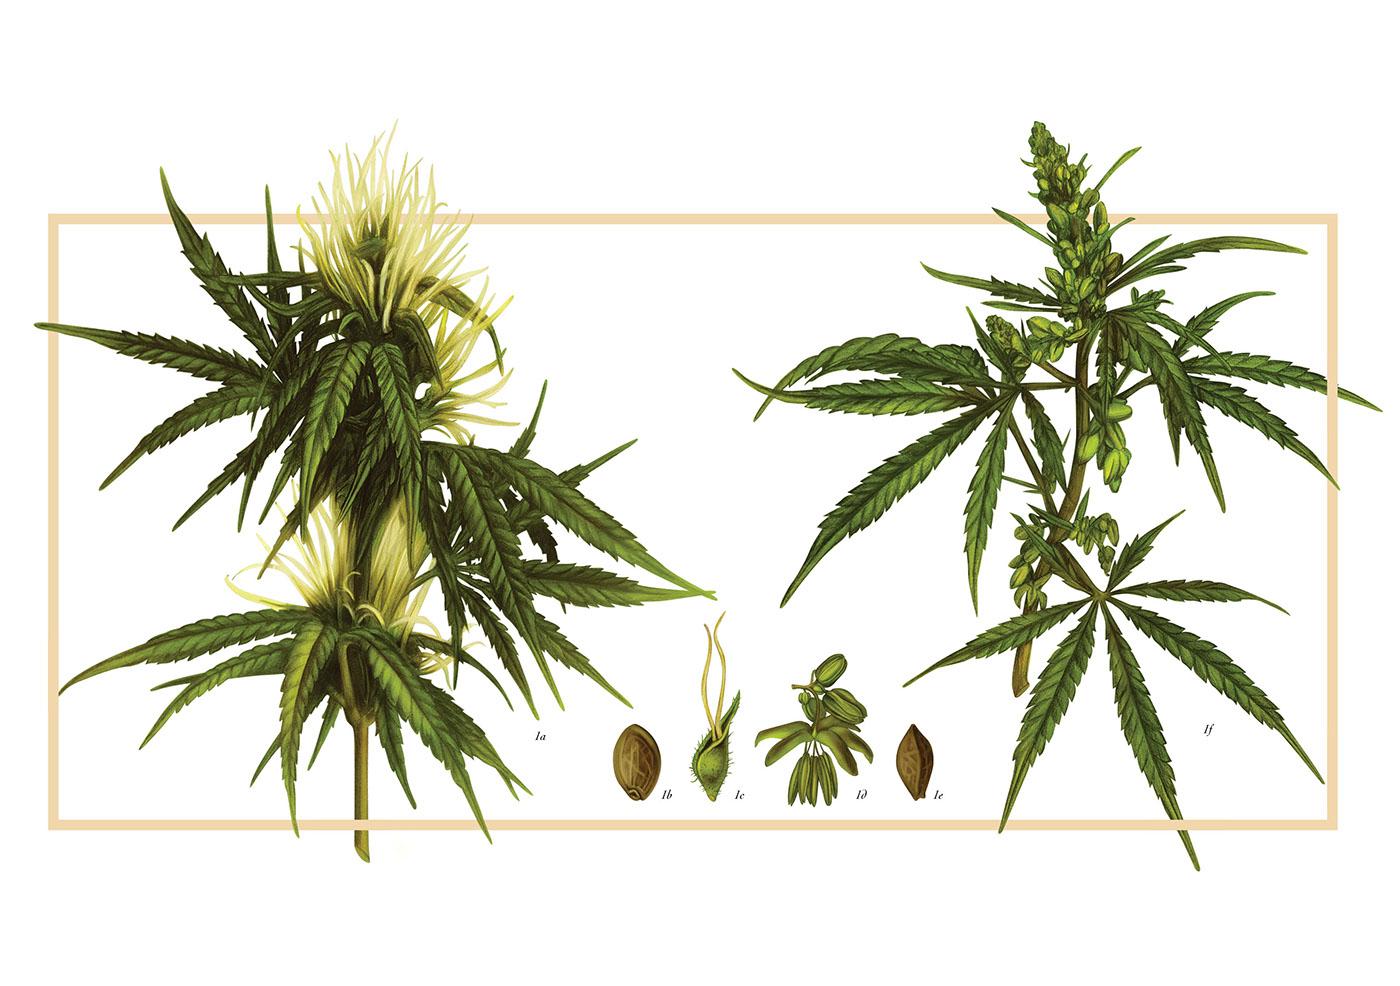 Конопля двудомное растение конопля повышает или понижает